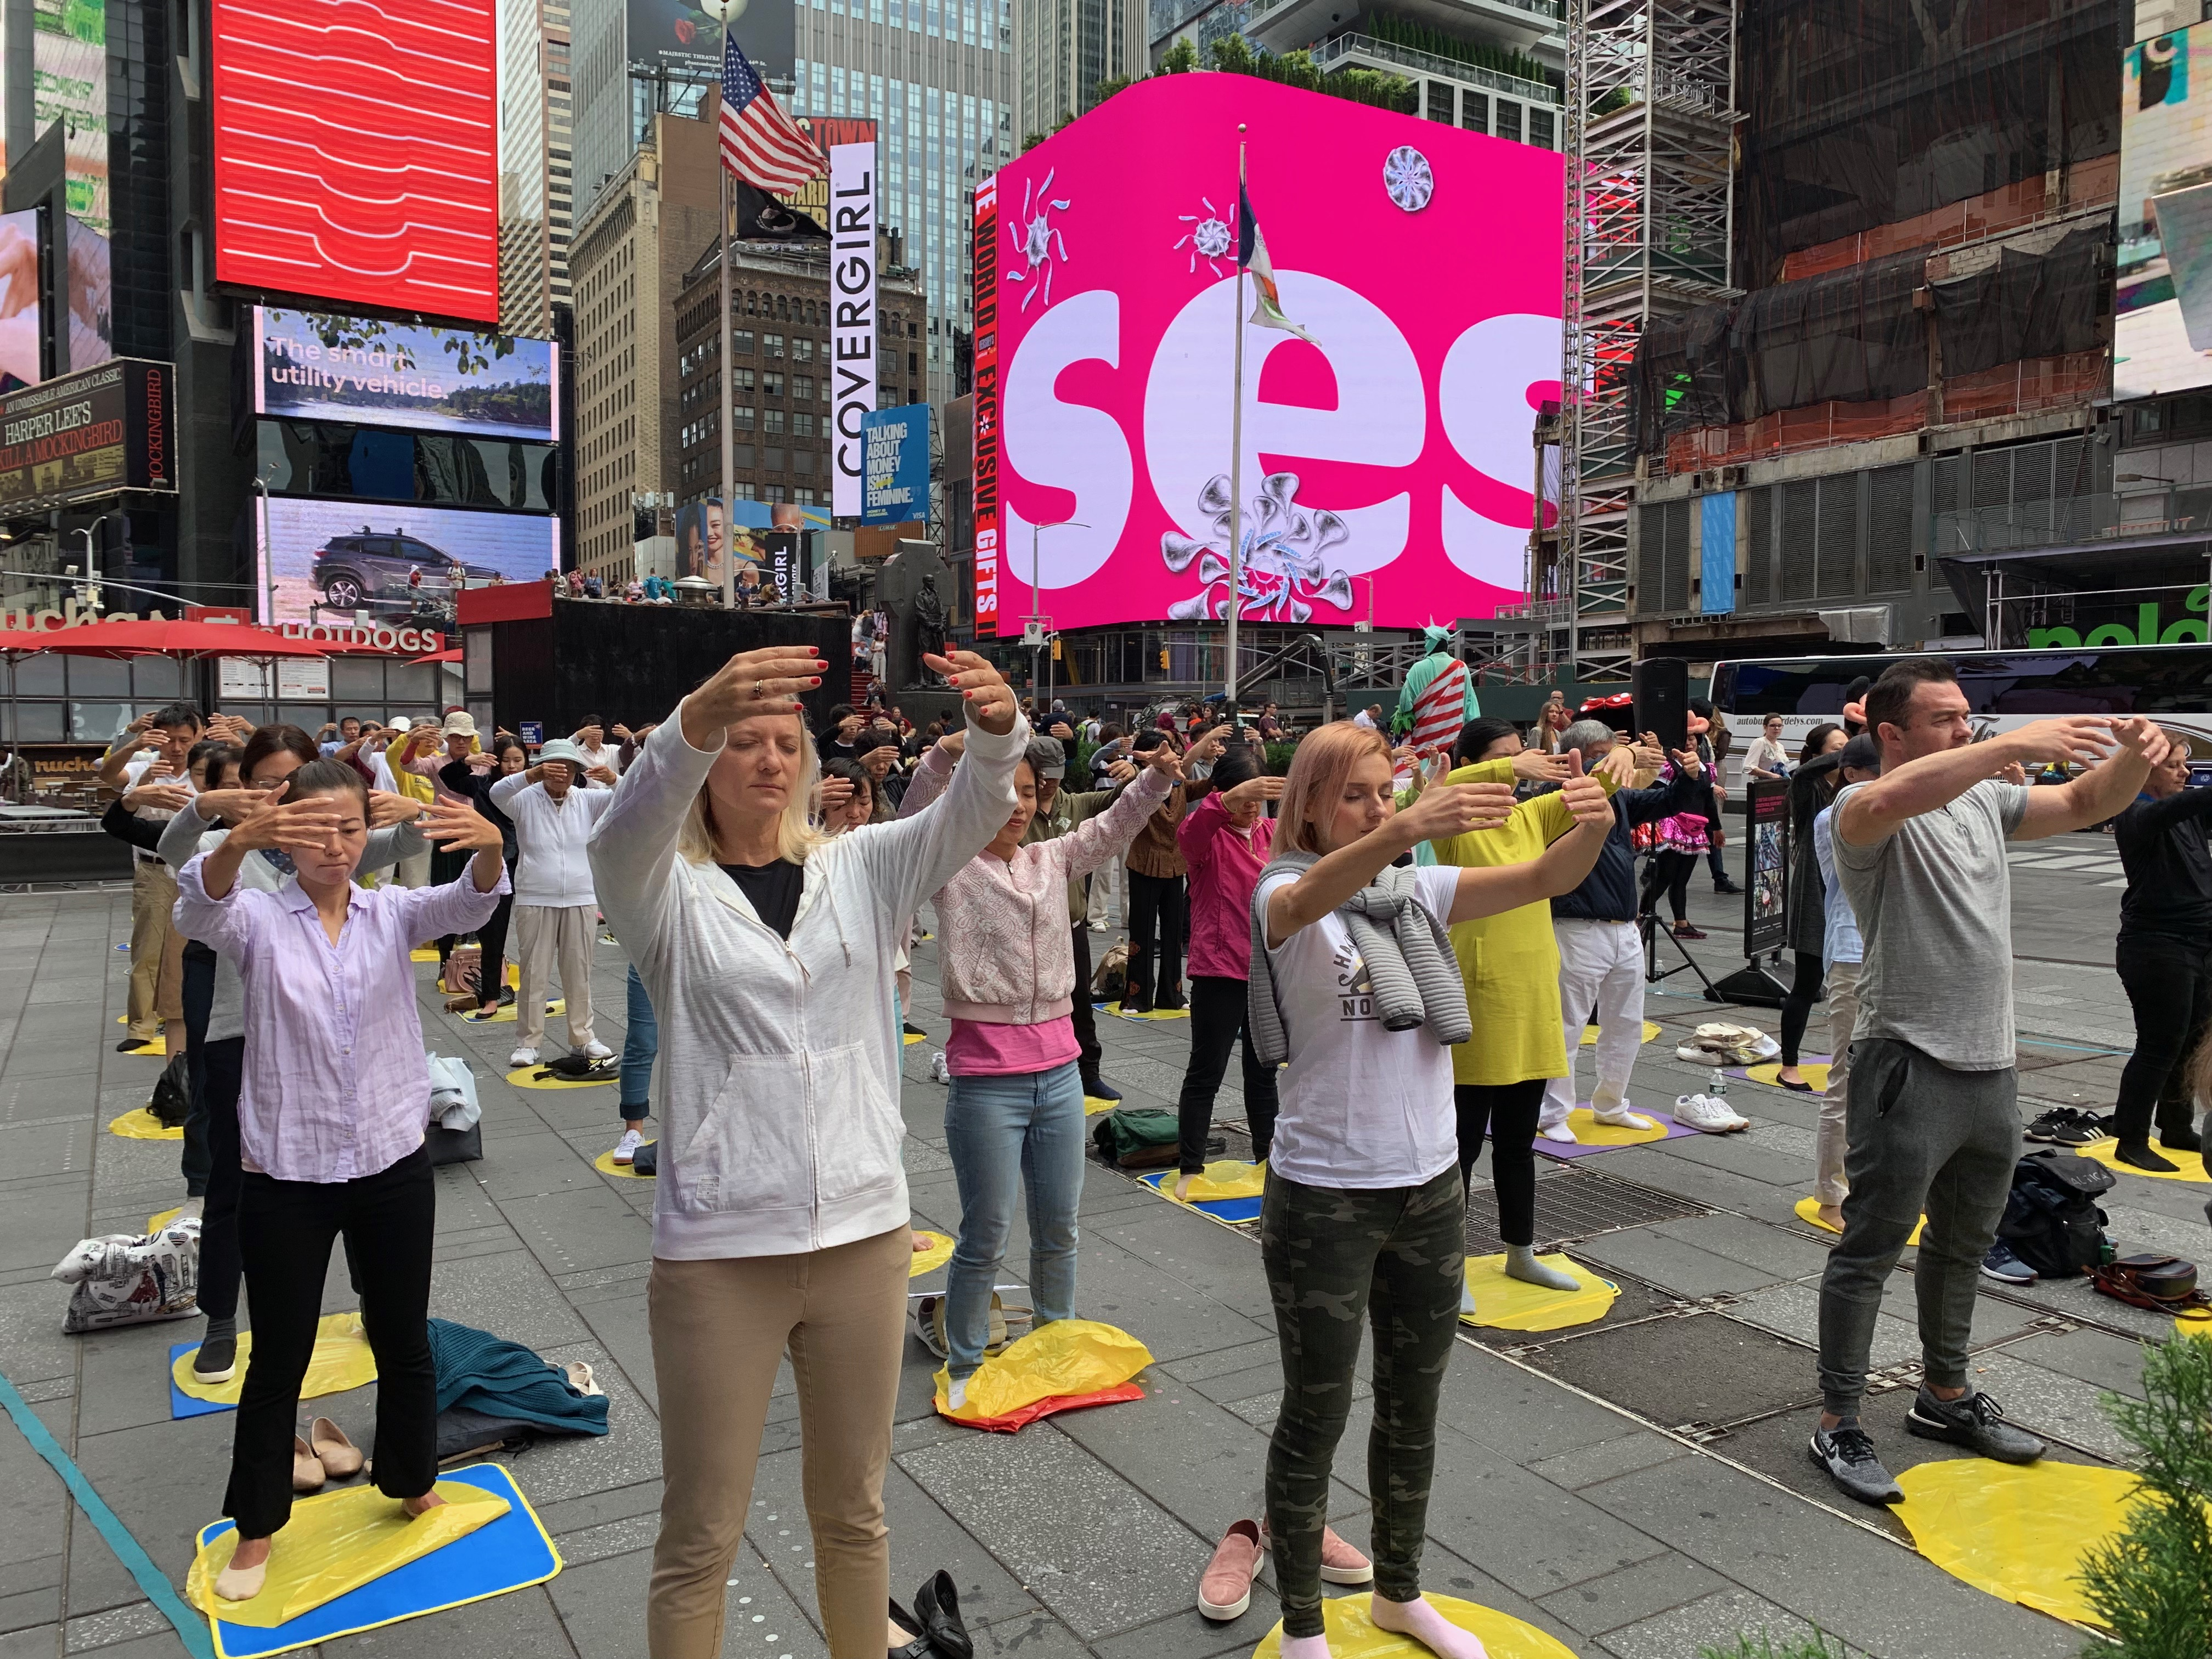 紐約時代廣場上大煉功 法輪功引人注目